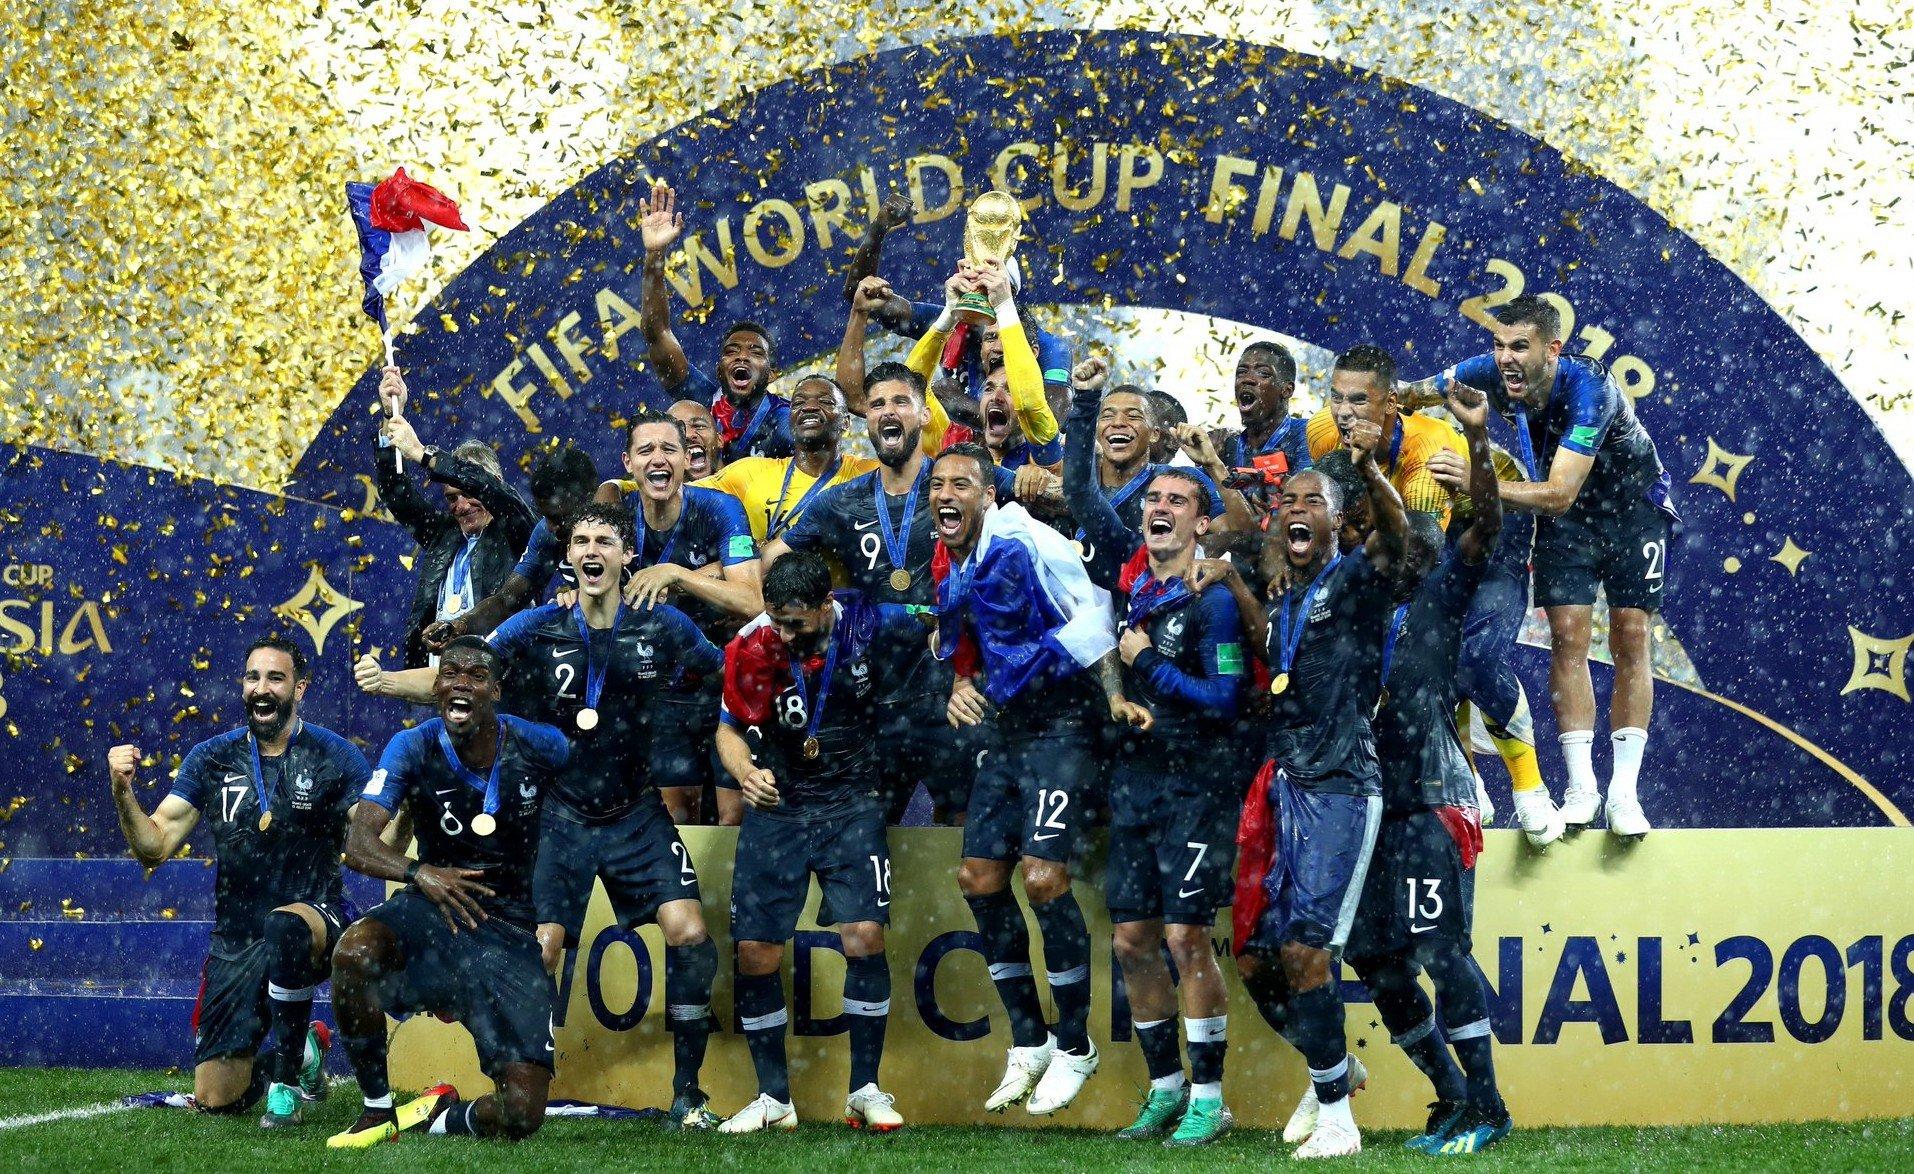 """Résultat de recherche d'images pour """"Football, mondial 2018, France, victory, 2018"""""""